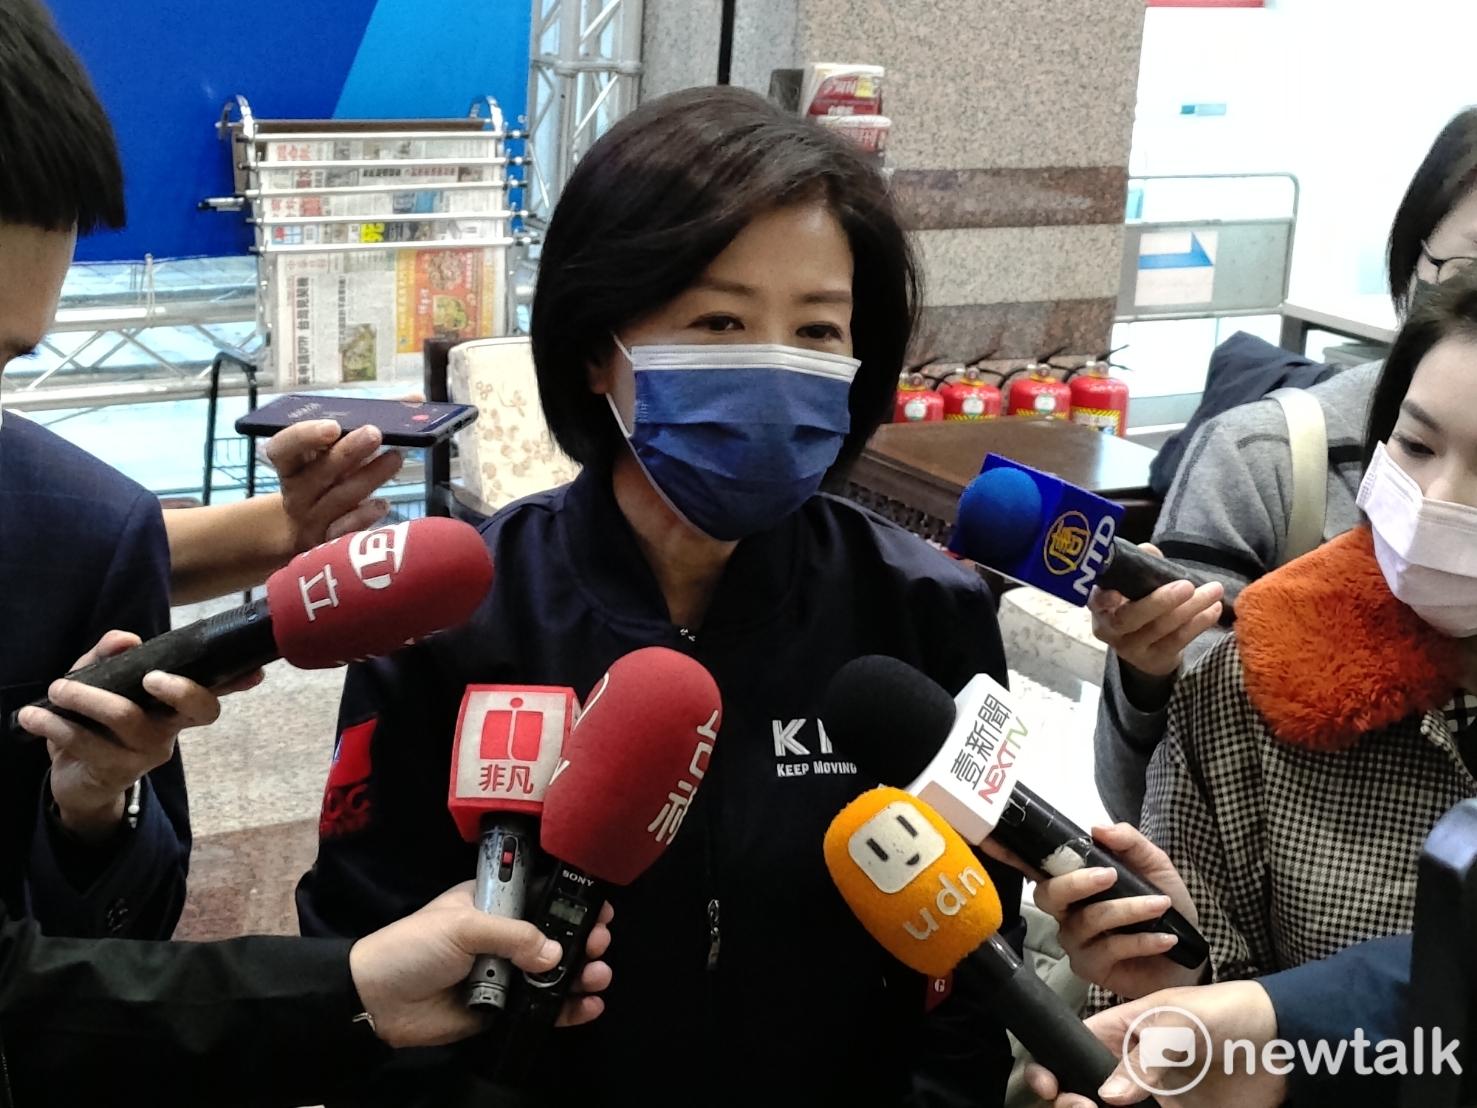 國殤當前 國民黨暫緩全國性公投宣講